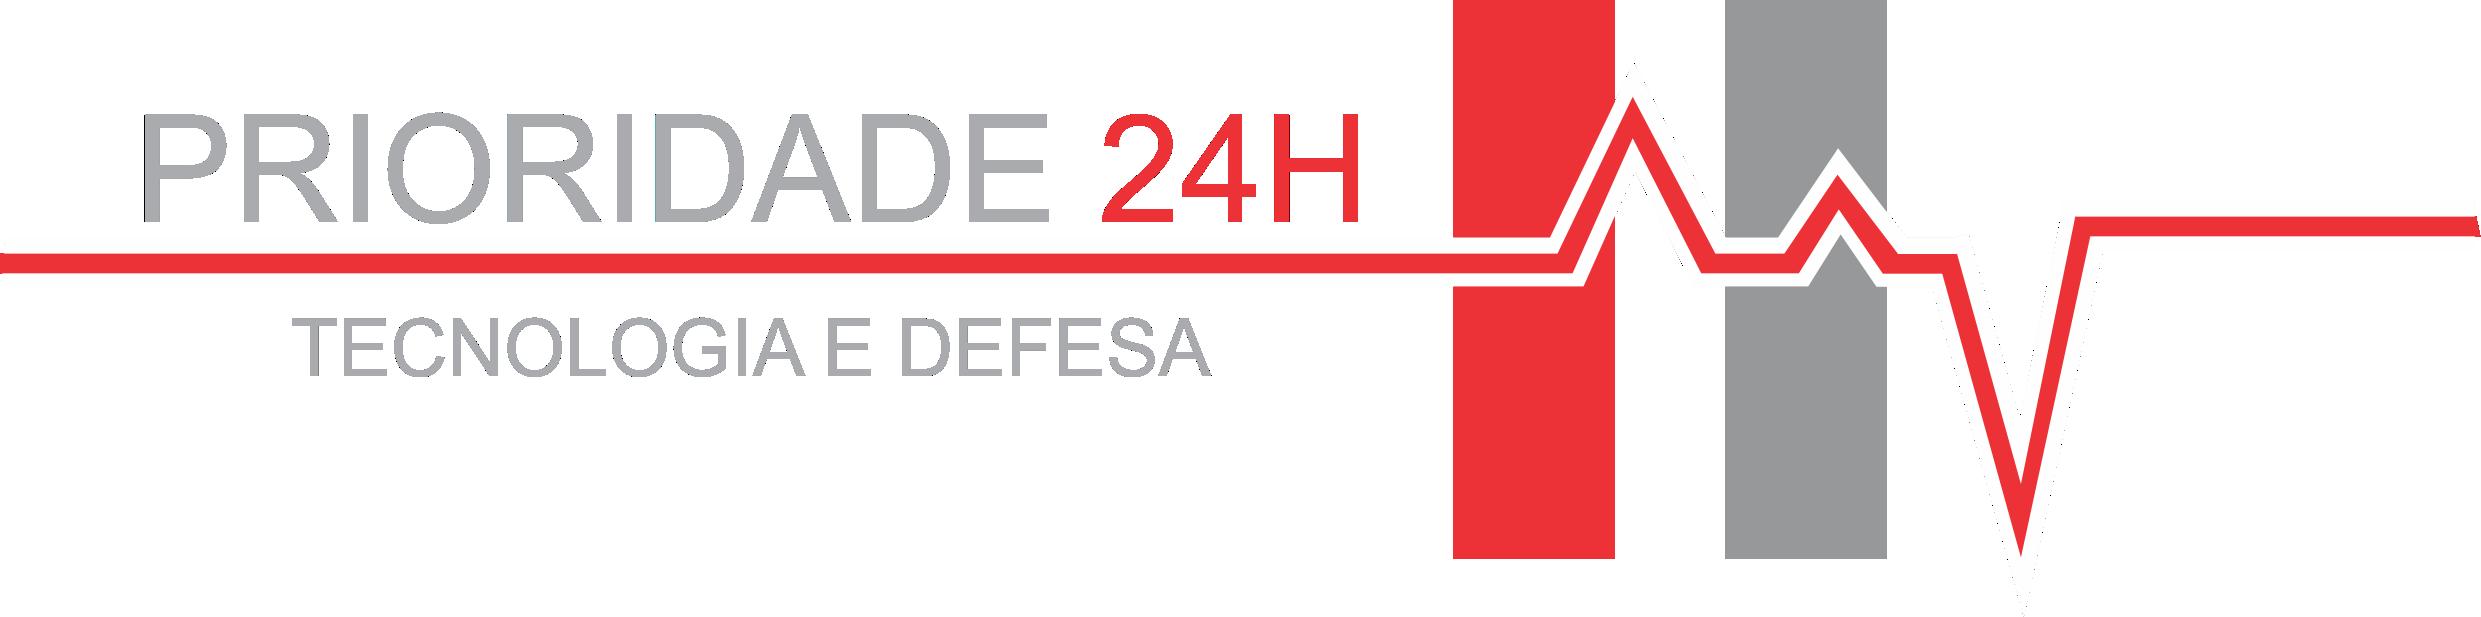 Prioridade 24H Tecnologia e Defesa